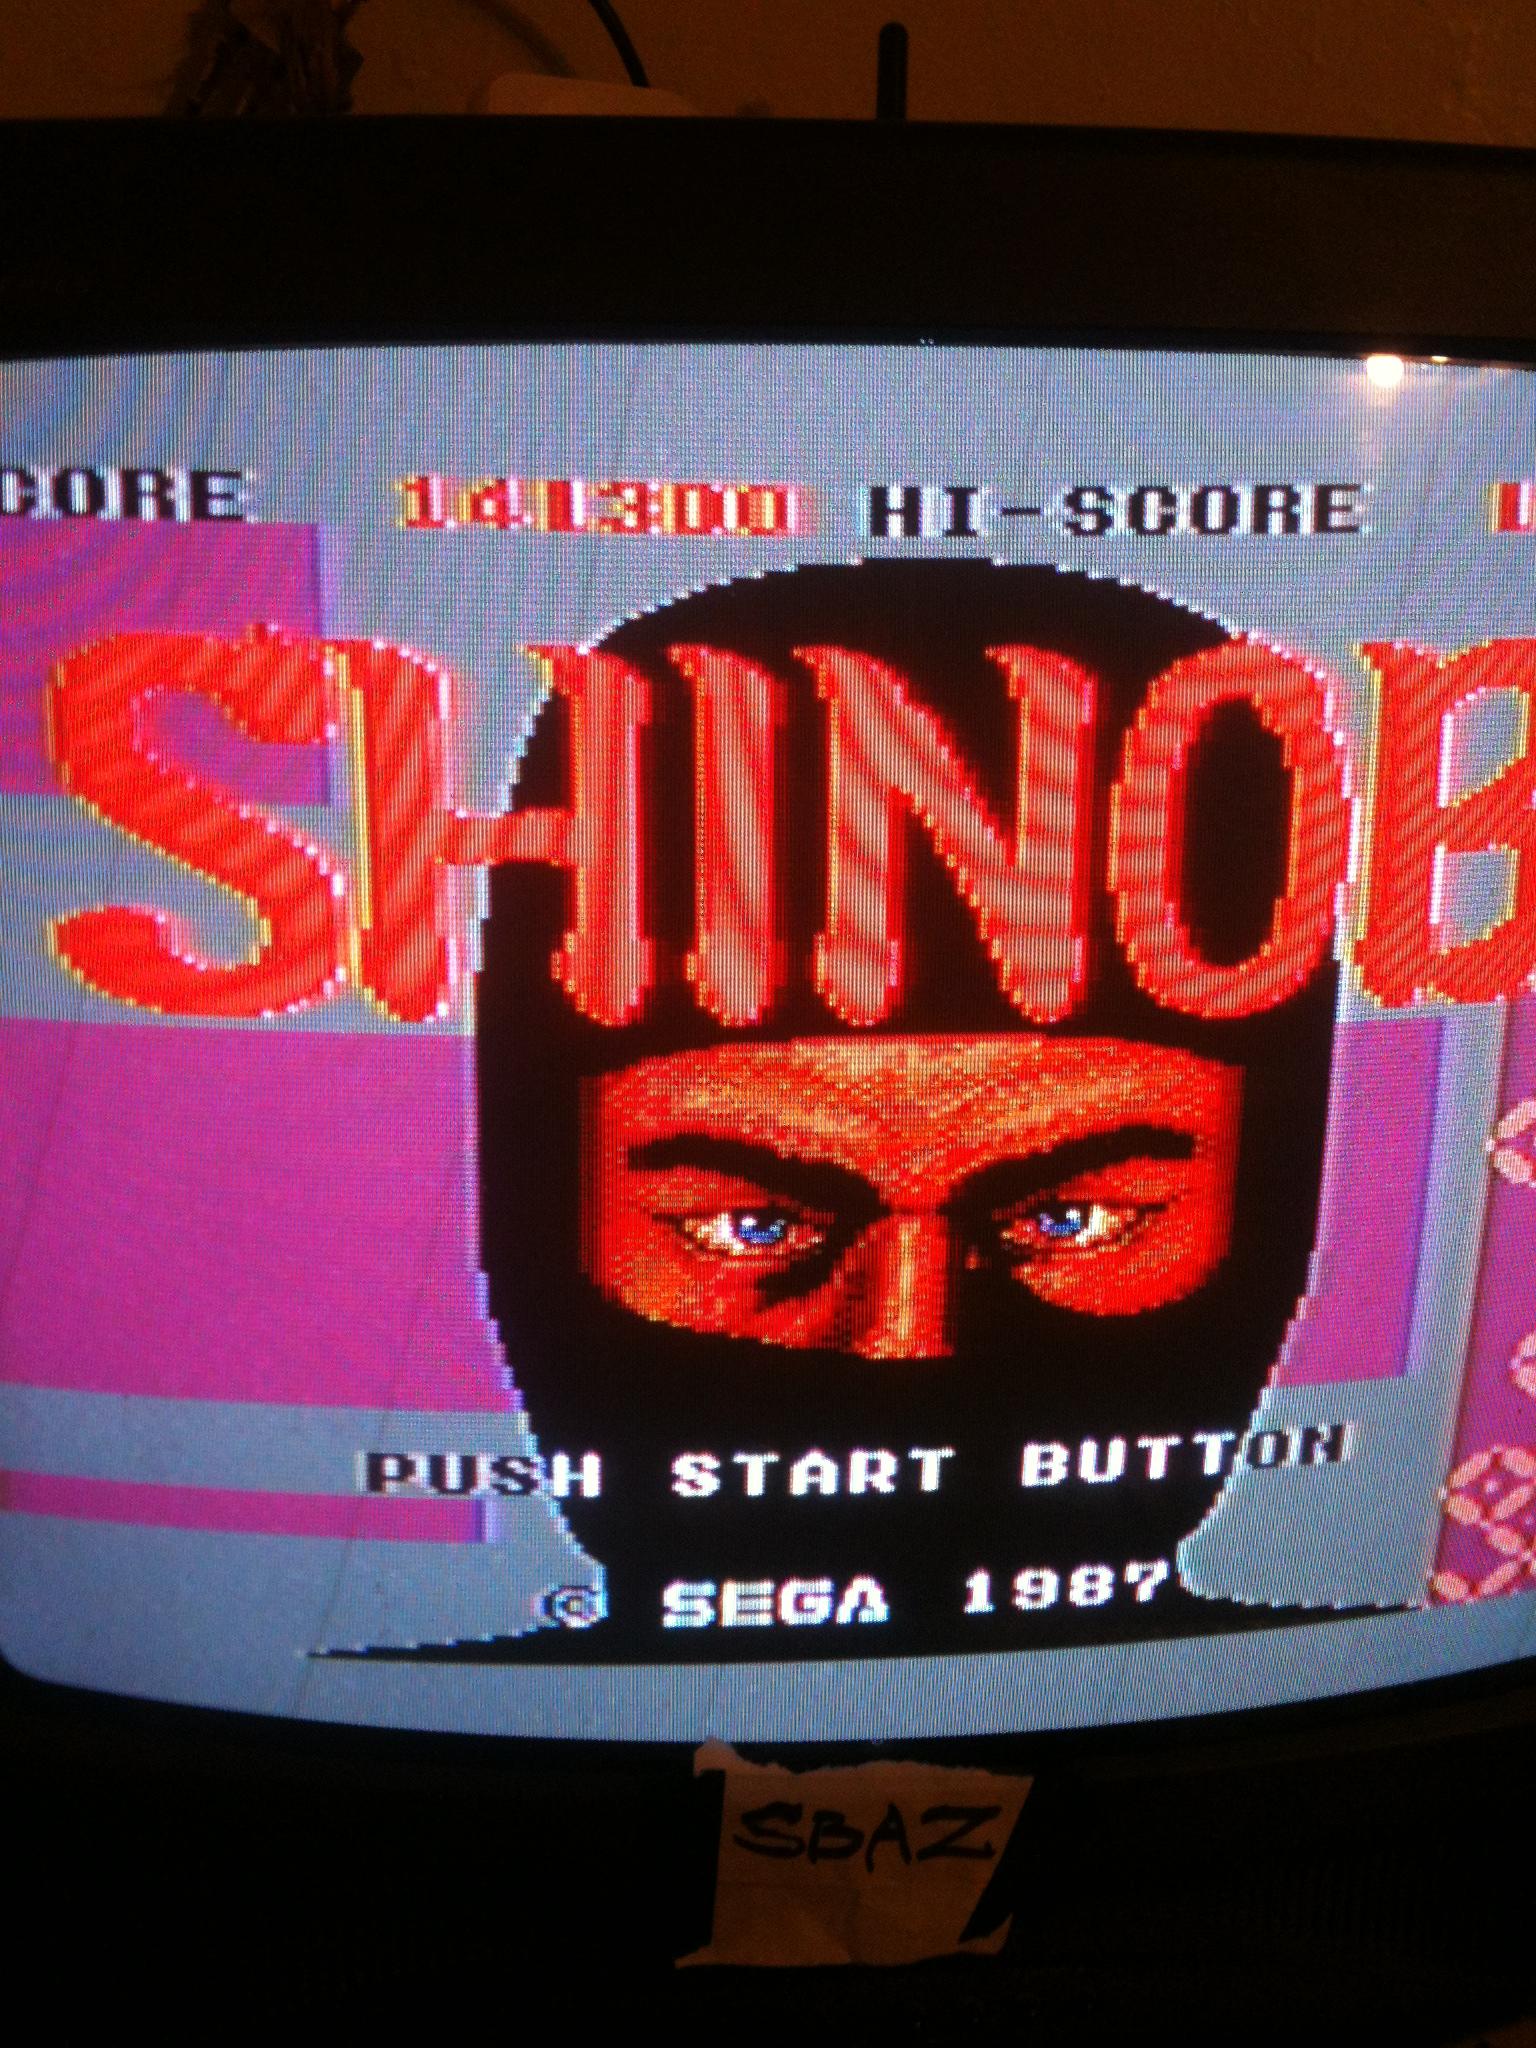 Shinobi 141,300 points